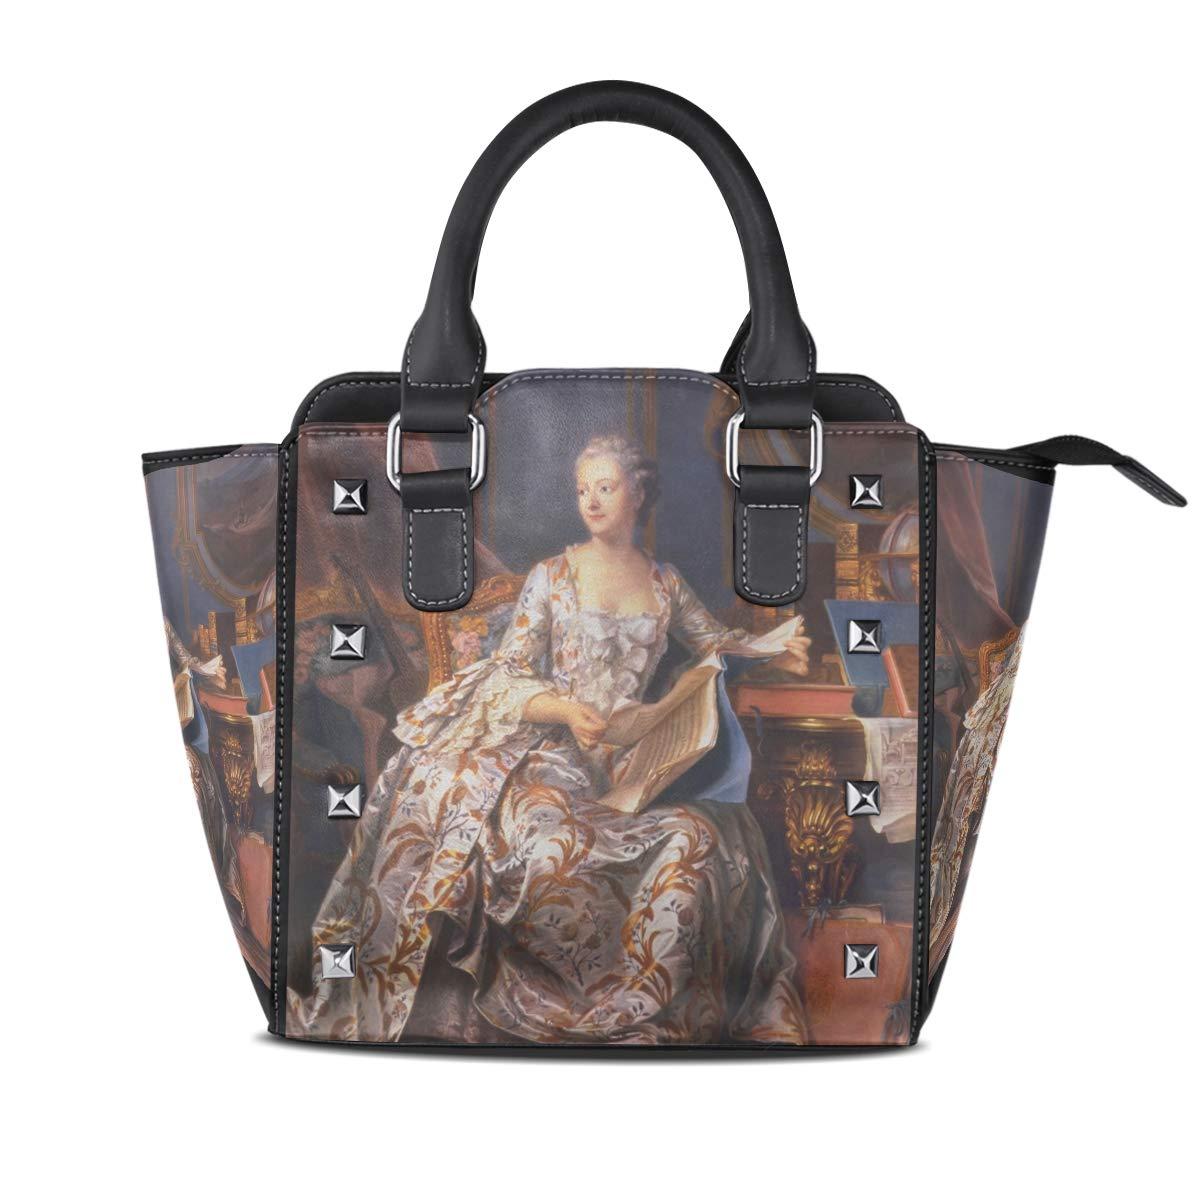 Design5 Handbag A Man Genuine Leather Tote Rivet Bag Shoulder Strap Top Handle Women